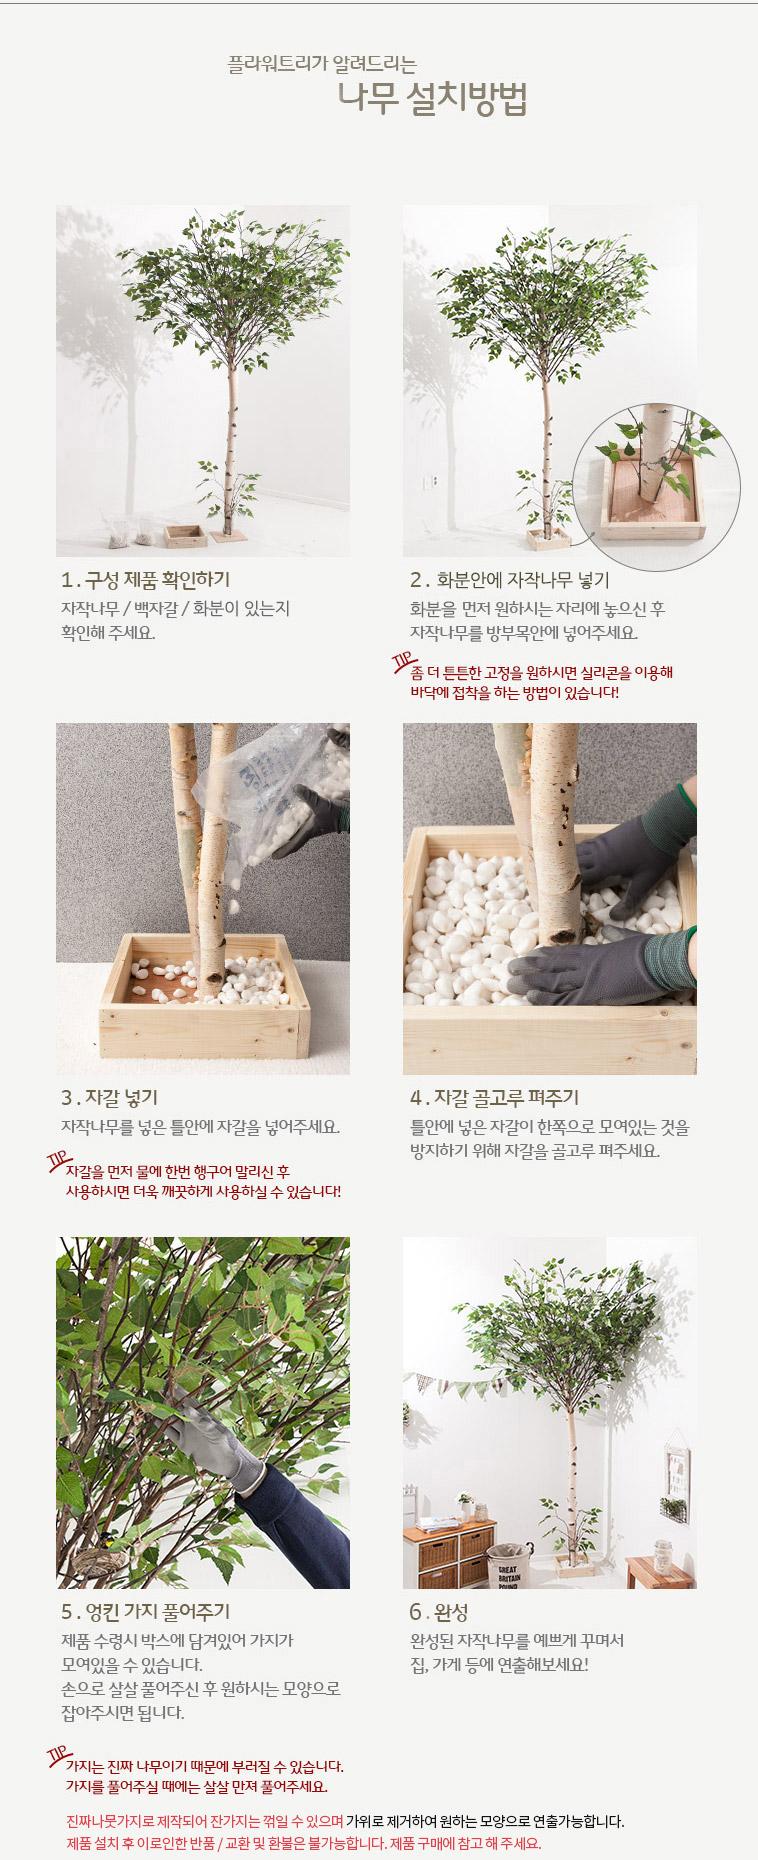 떡갈고무나무화분set 230cm K_M [조화] - 플라워트리, 350,000원, 조화, 인조목